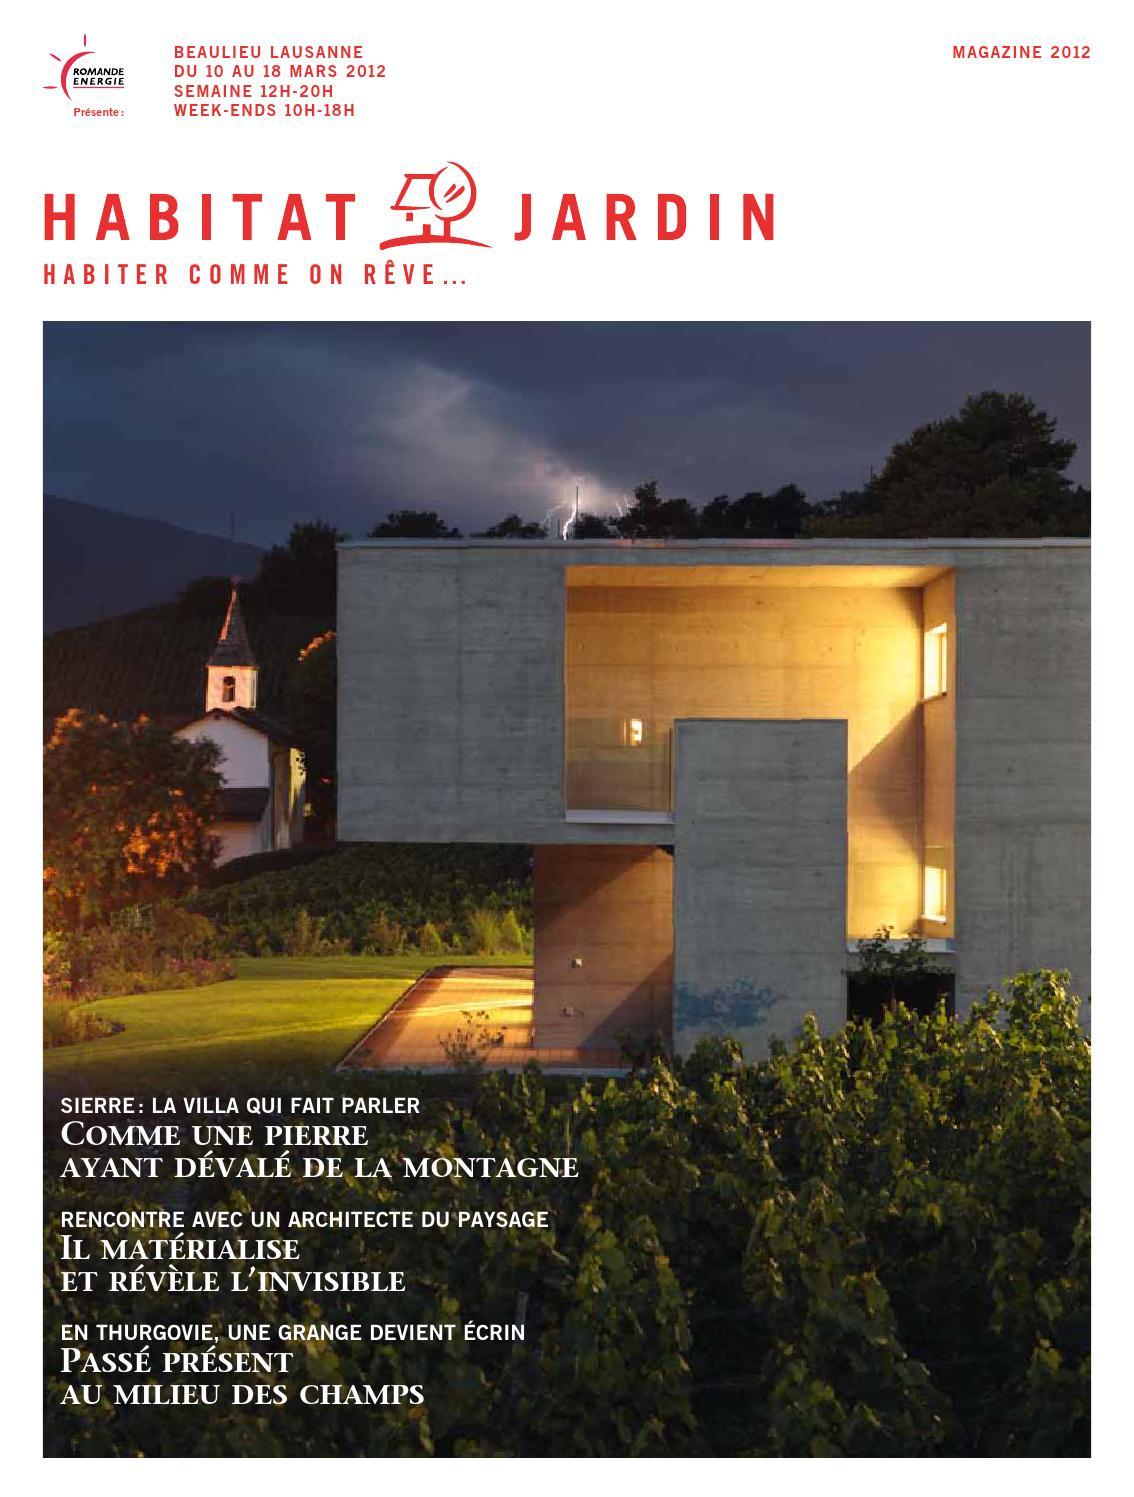 HabitatJardin By Inédit Publications SA Issuu - Plinthe carrelage et tapis roulant immergé pour chien d occasion